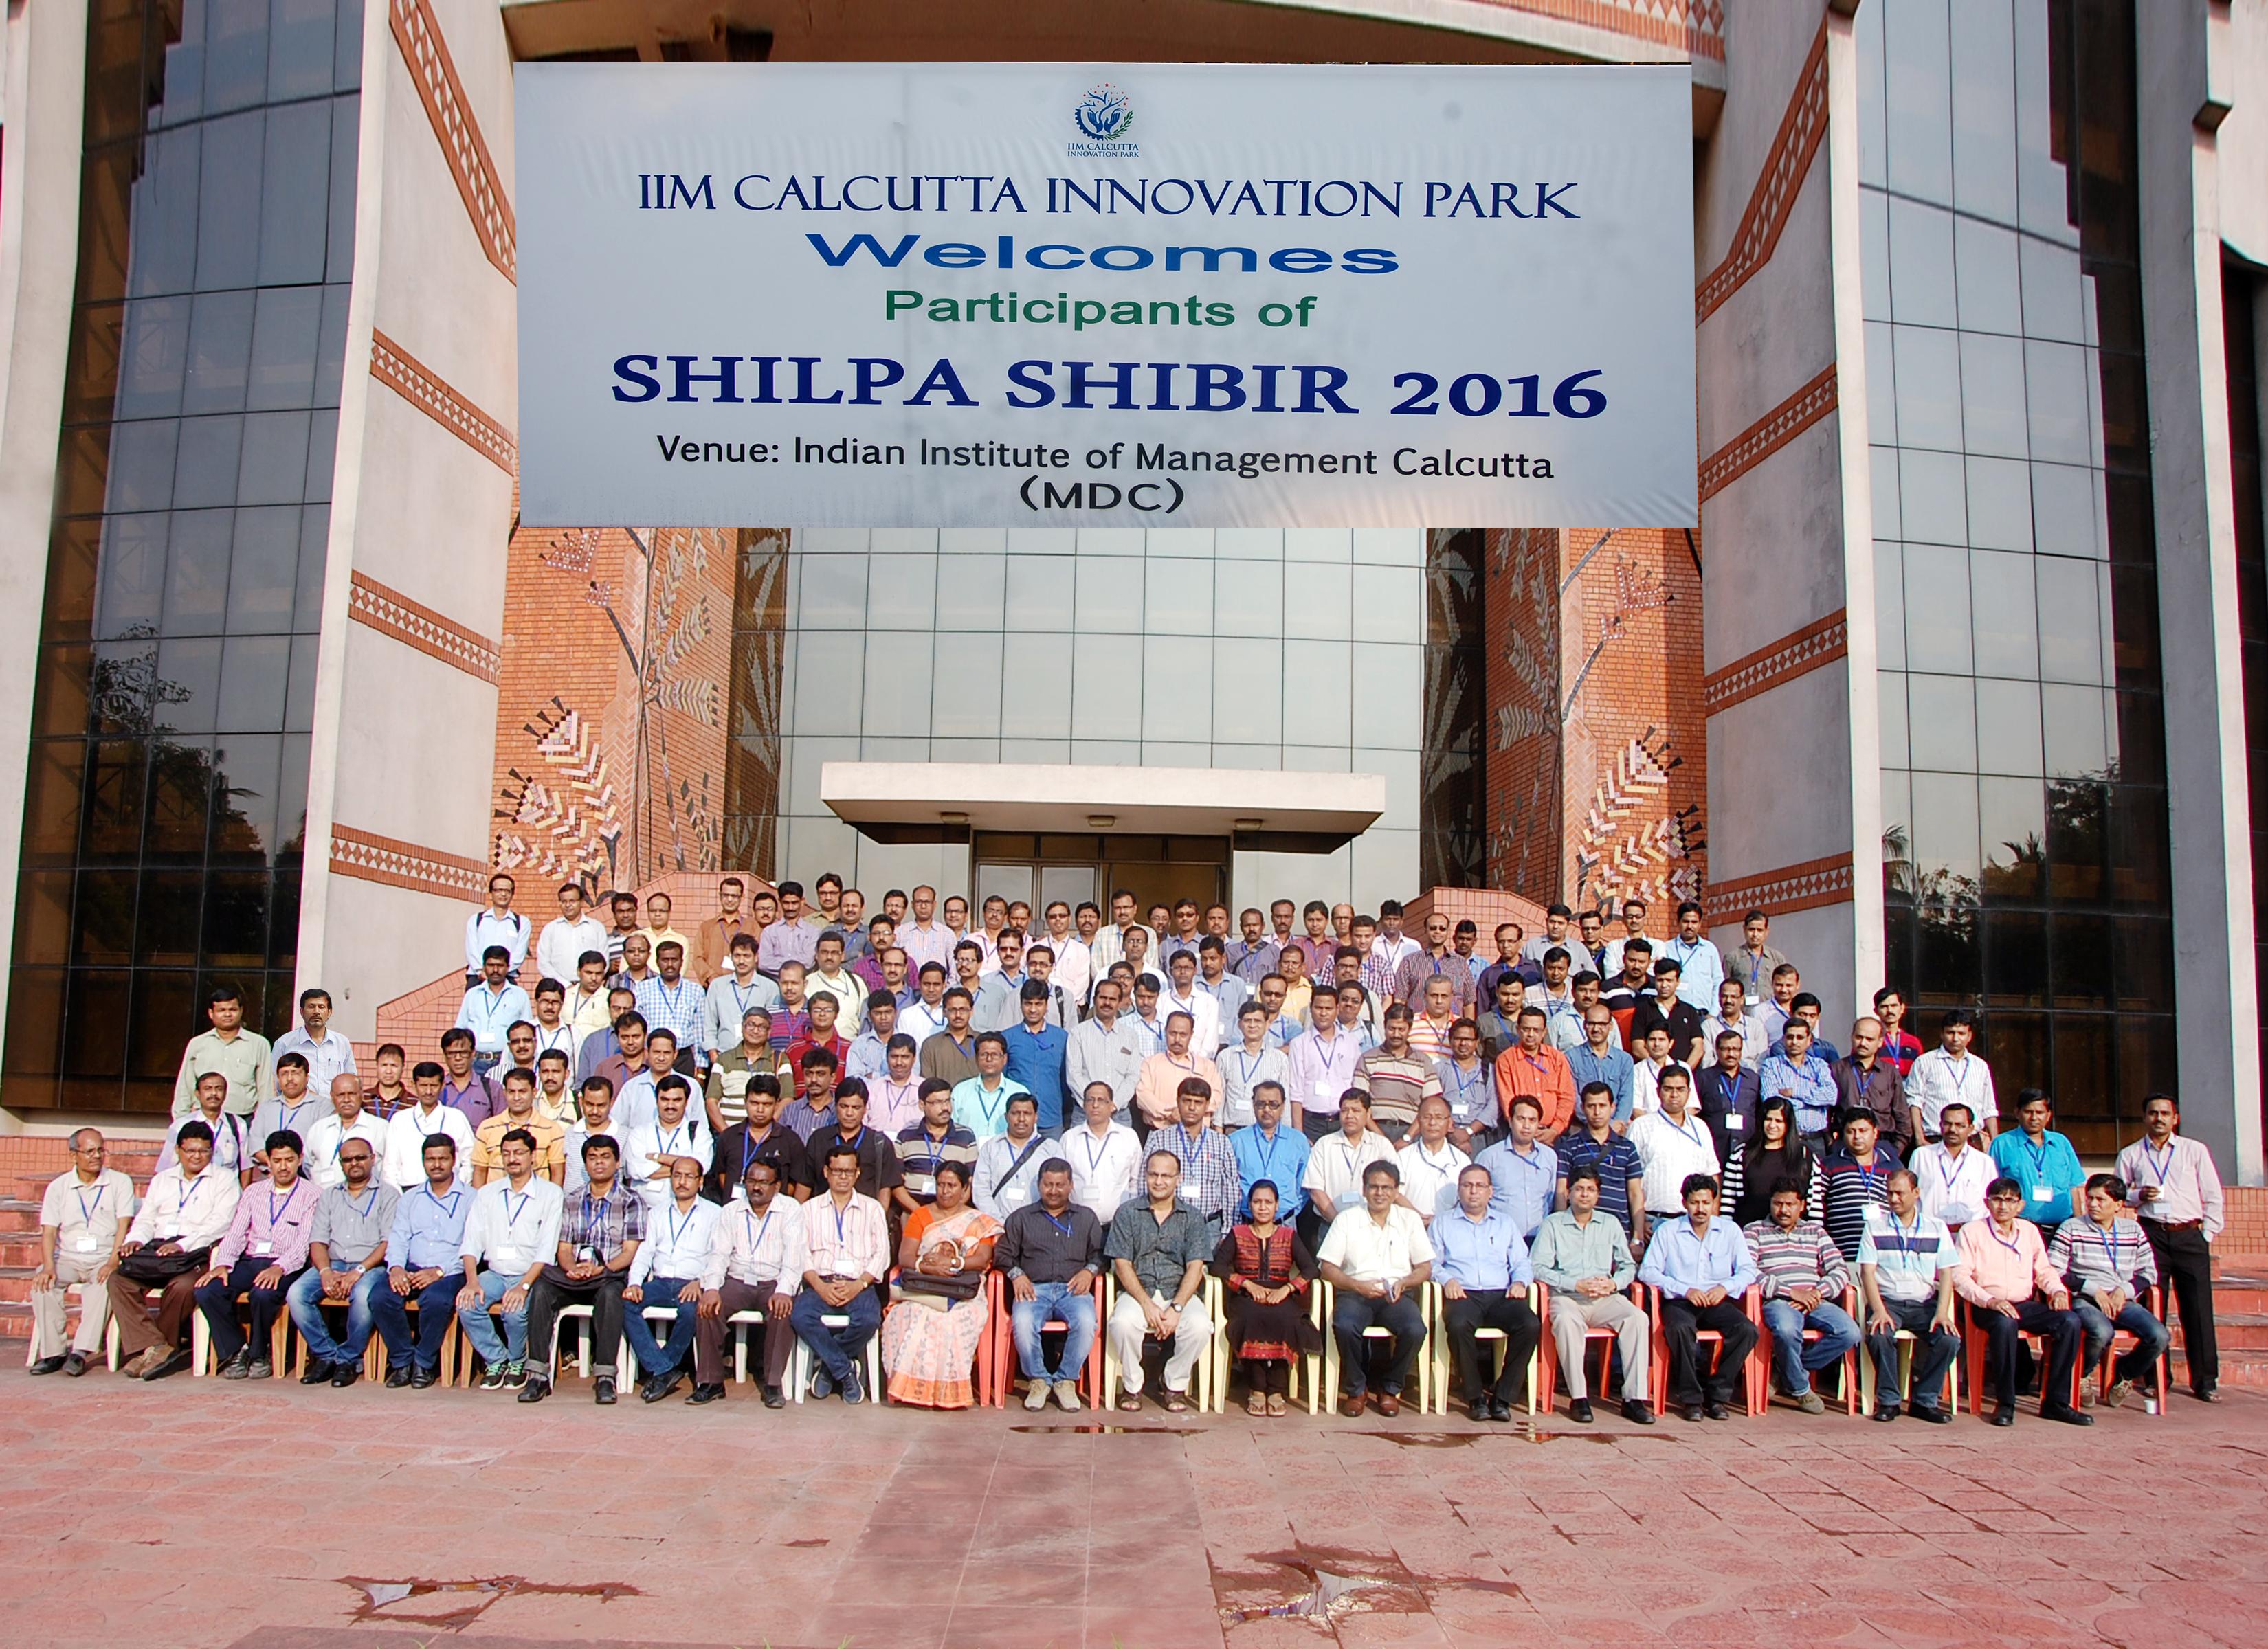 Shilpa Shibir 2016